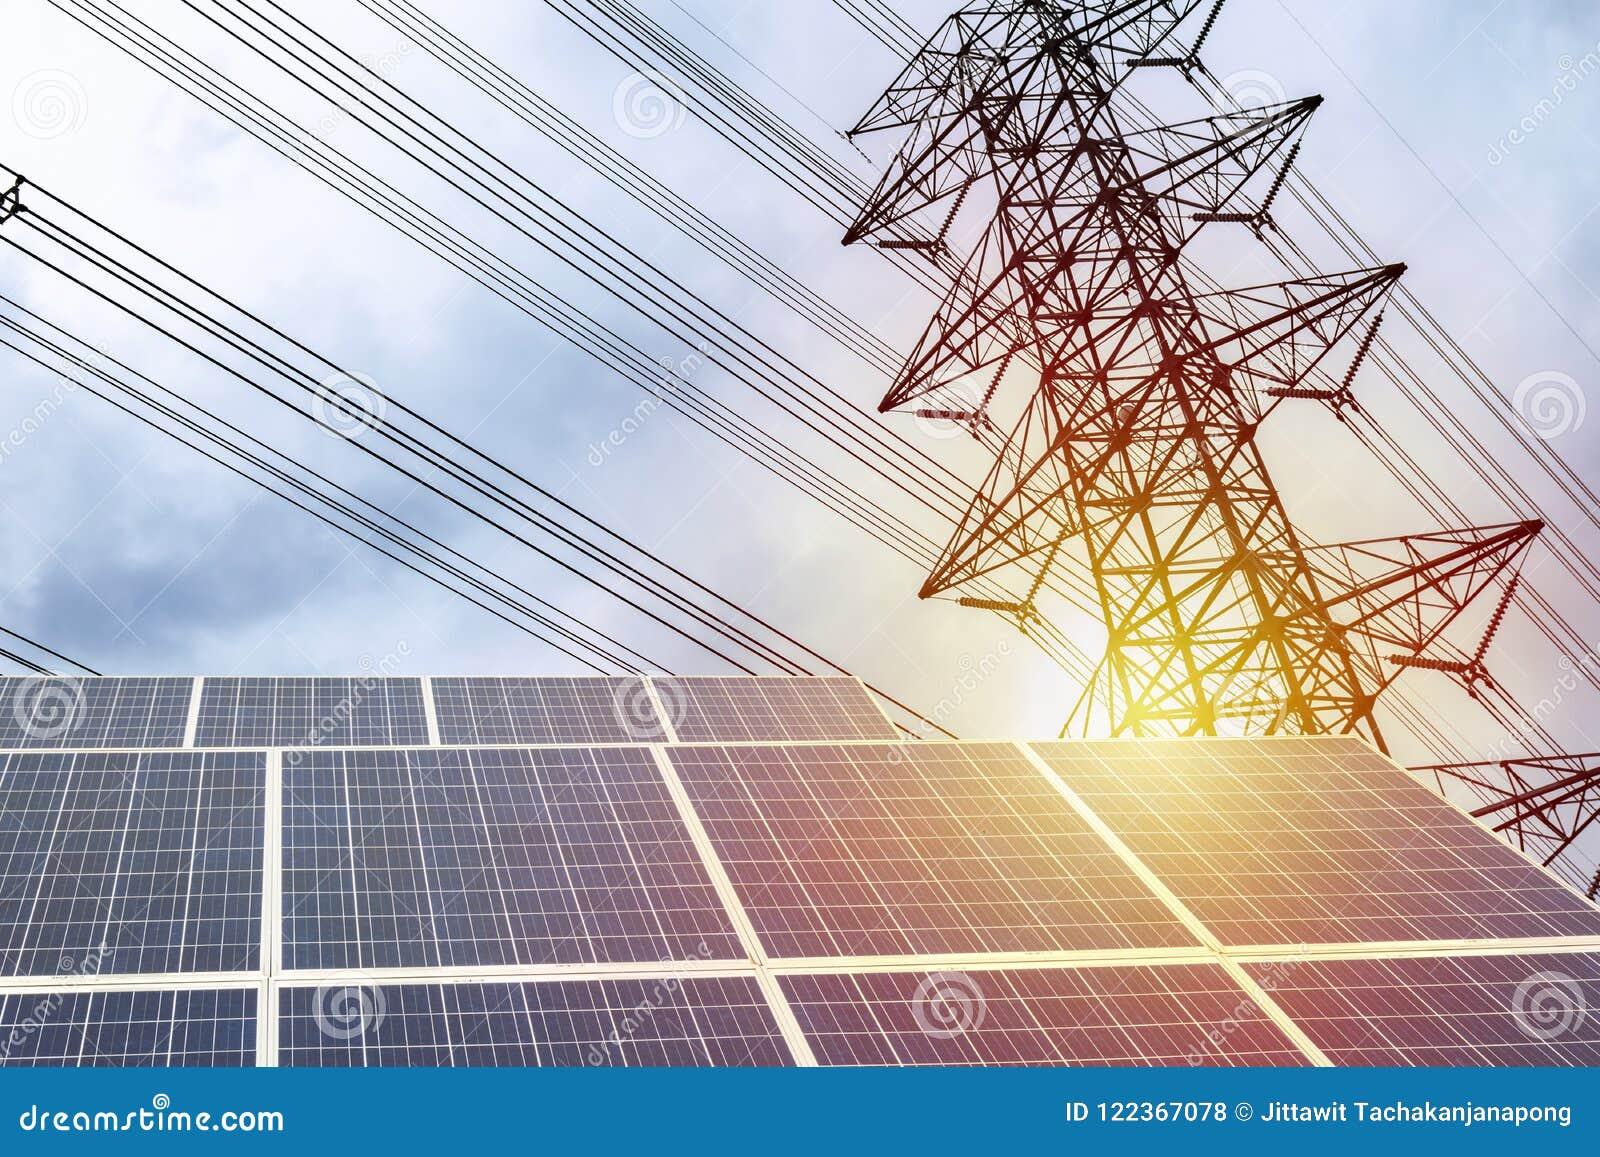 Электричество панель солнечных батарей, высокомощный электрический поляк